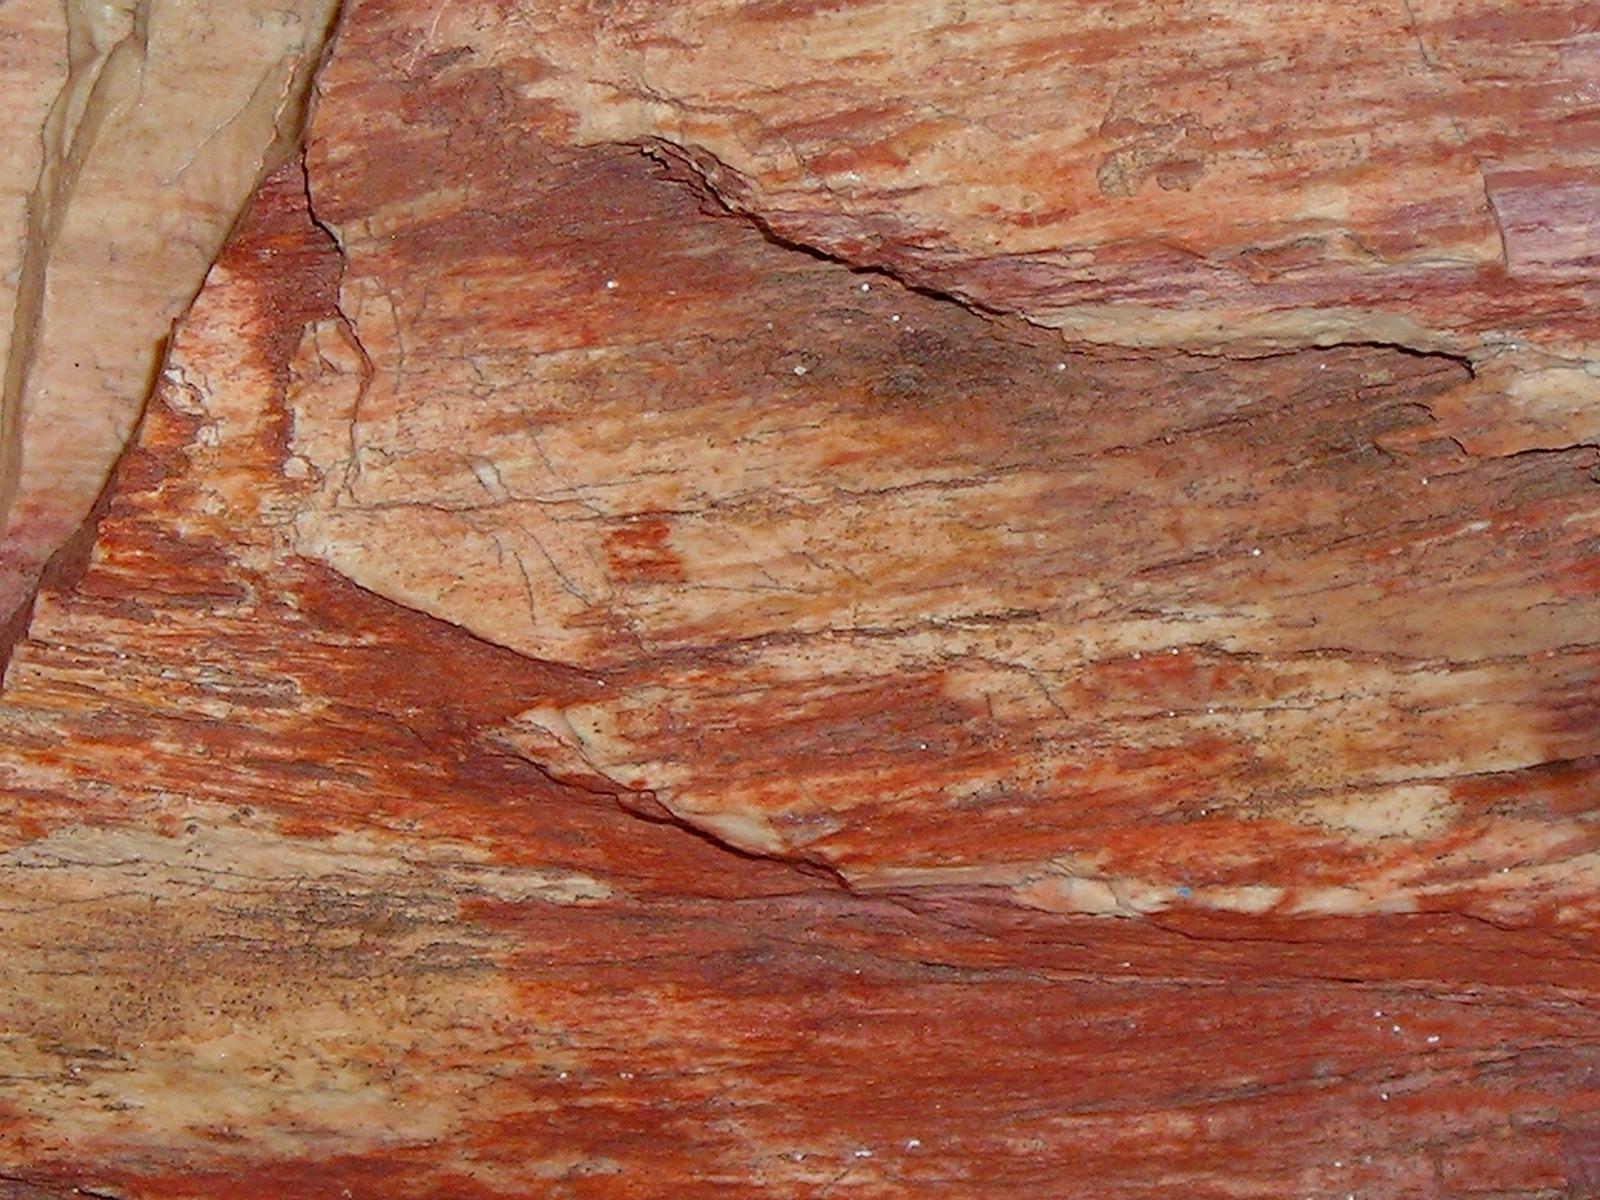 Colorful Rough Arizona Petrified Wood Specimen